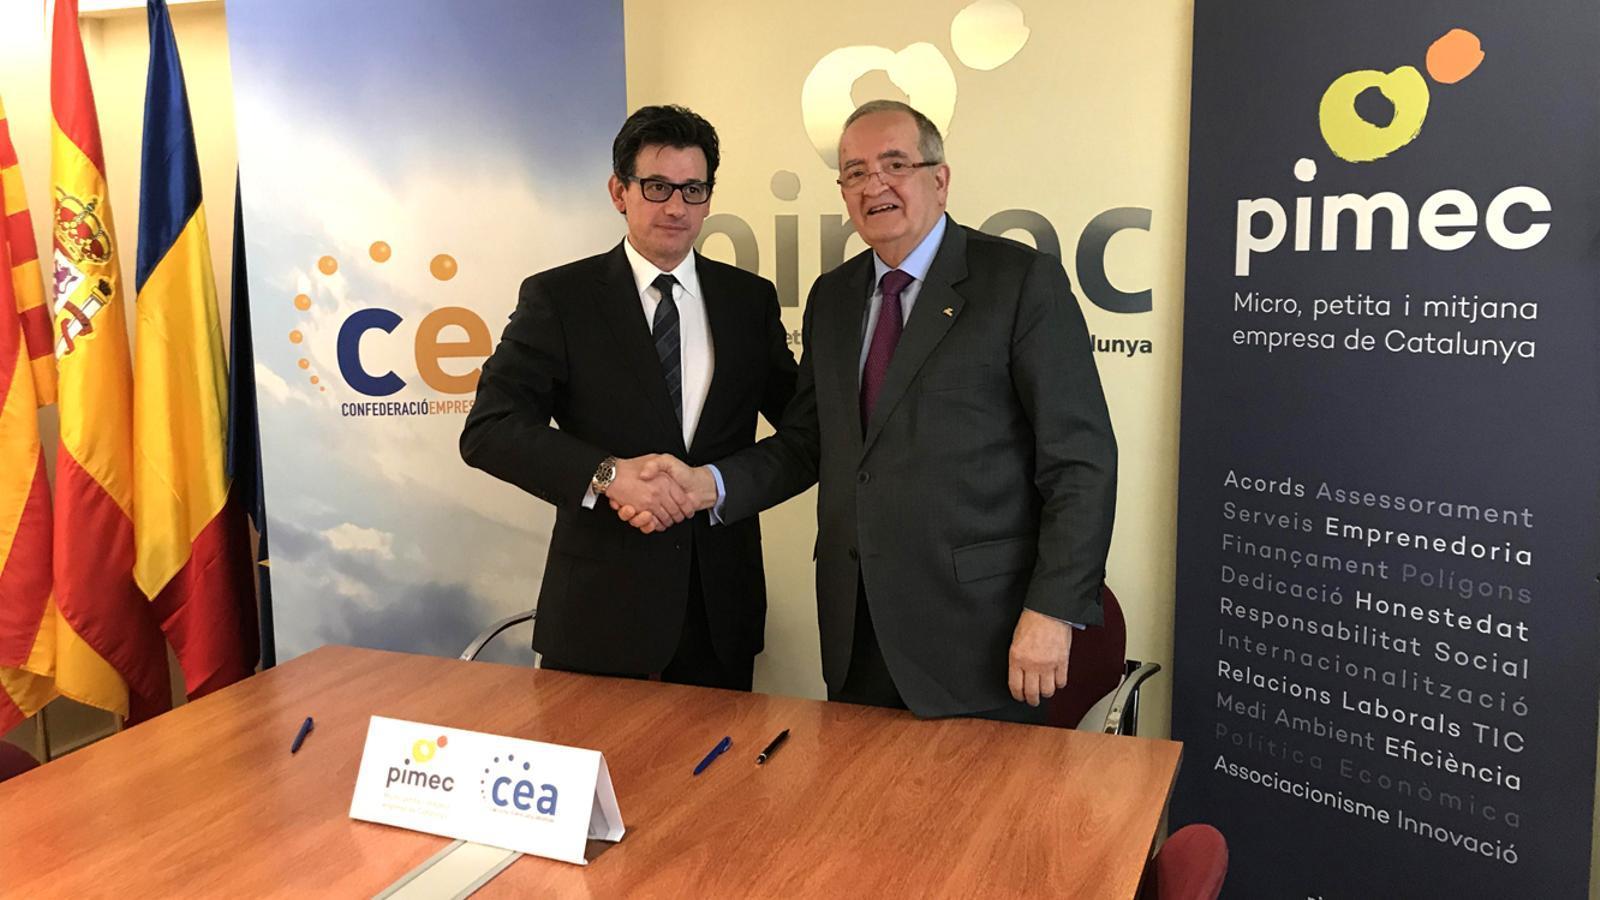 El president de la CEA, Xavier Altimir, i el de la PIMEC, Josep Gonzàlez, es donen la mà després de signar el conveni.